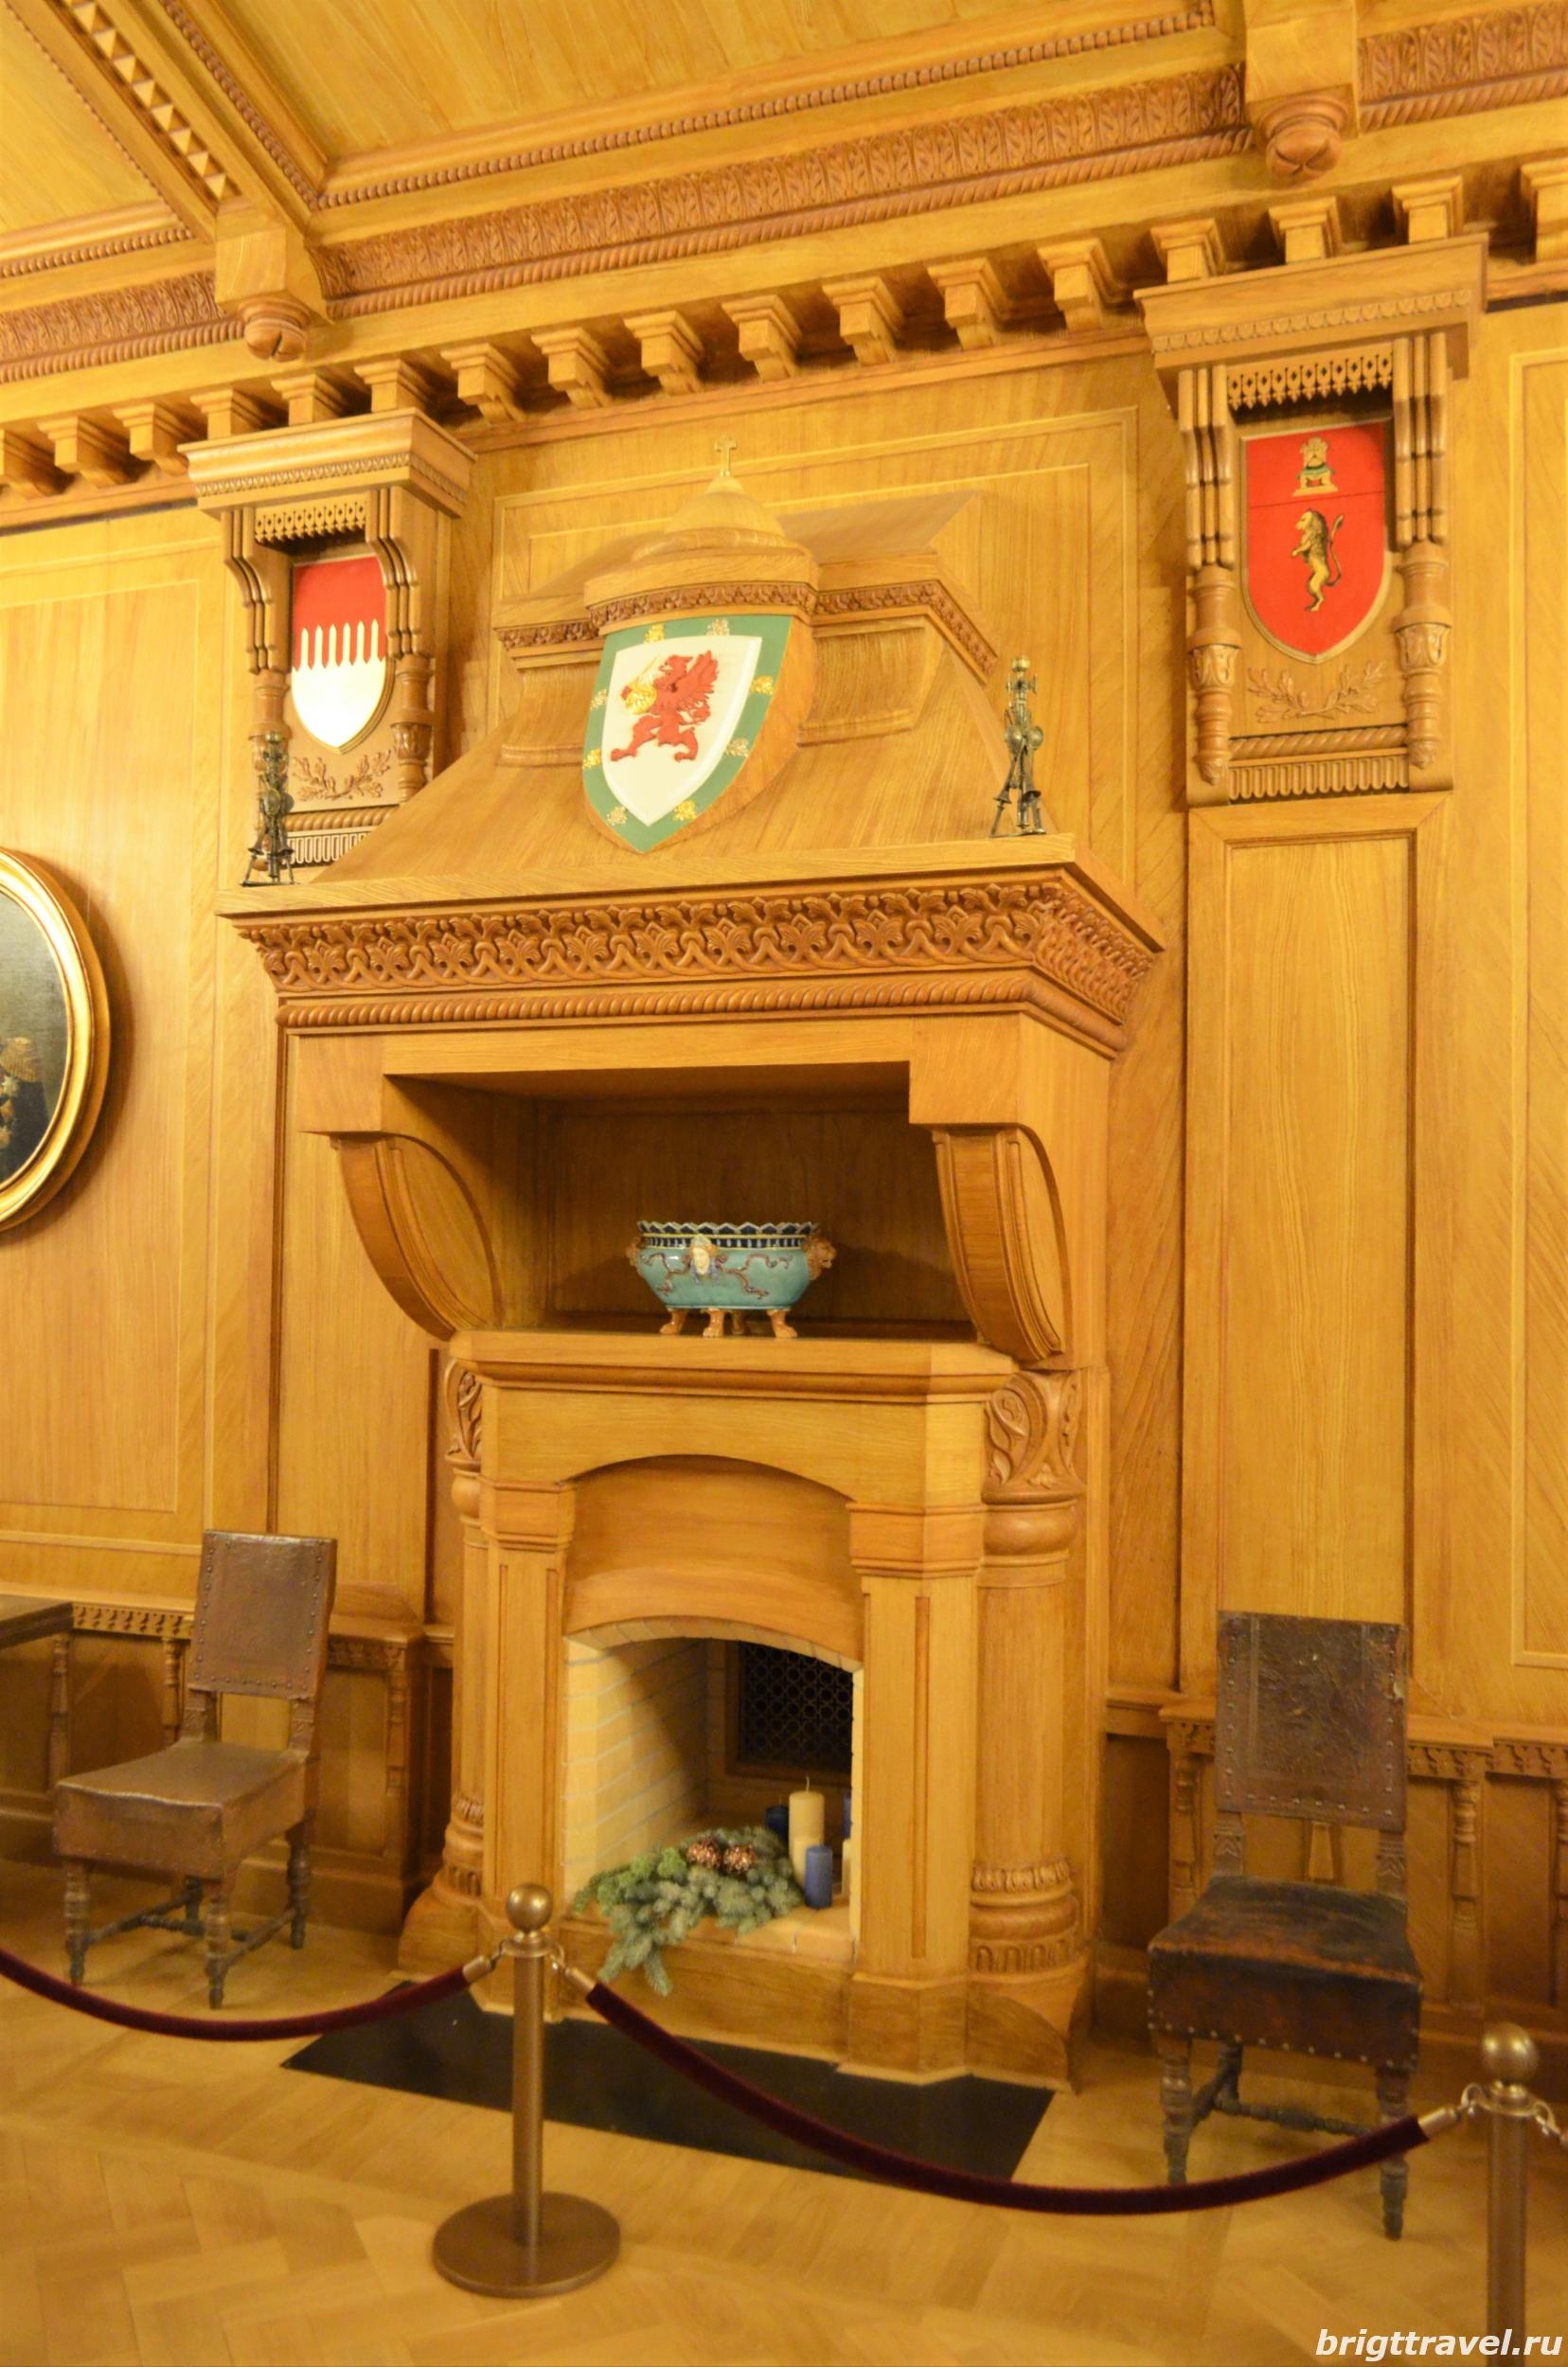 Фото центрального камина Гербового зала Императорского дворца